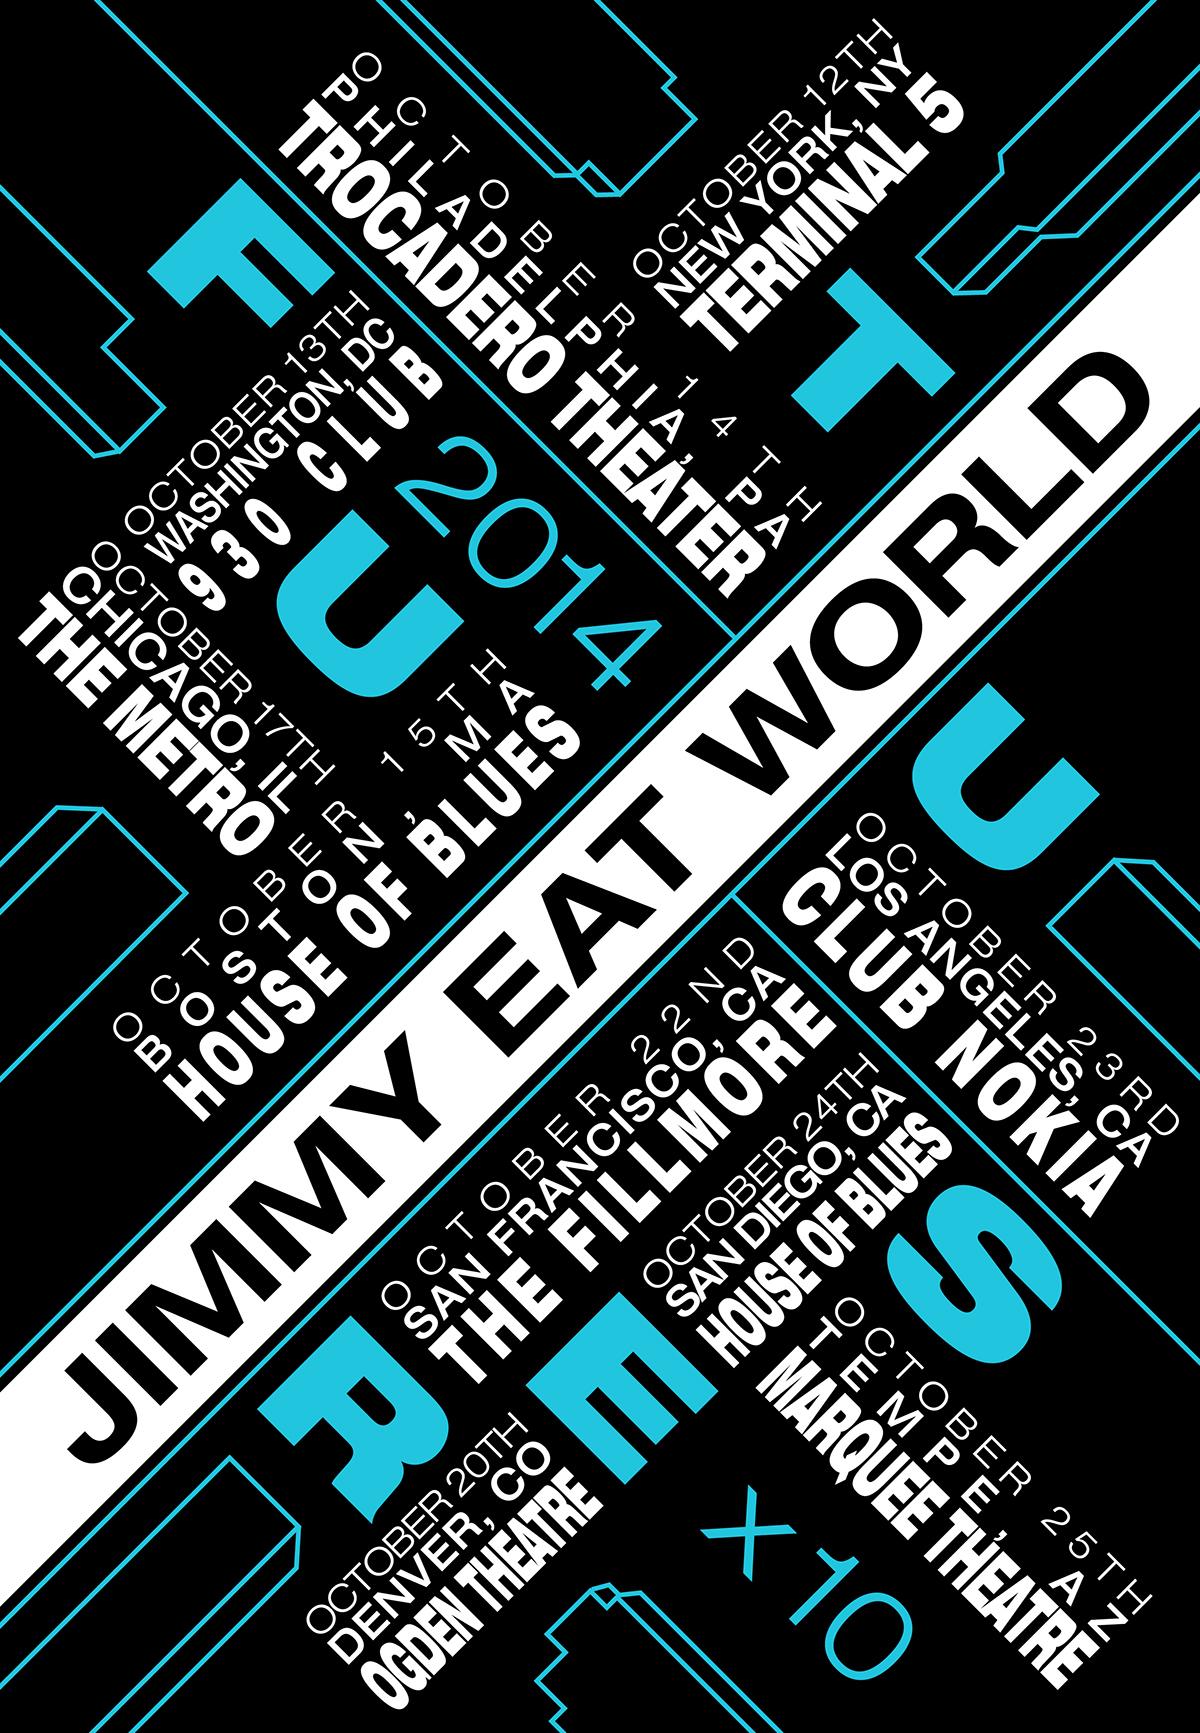 jimmy eat world tour poster design on behance. Black Bedroom Furniture Sets. Home Design Ideas